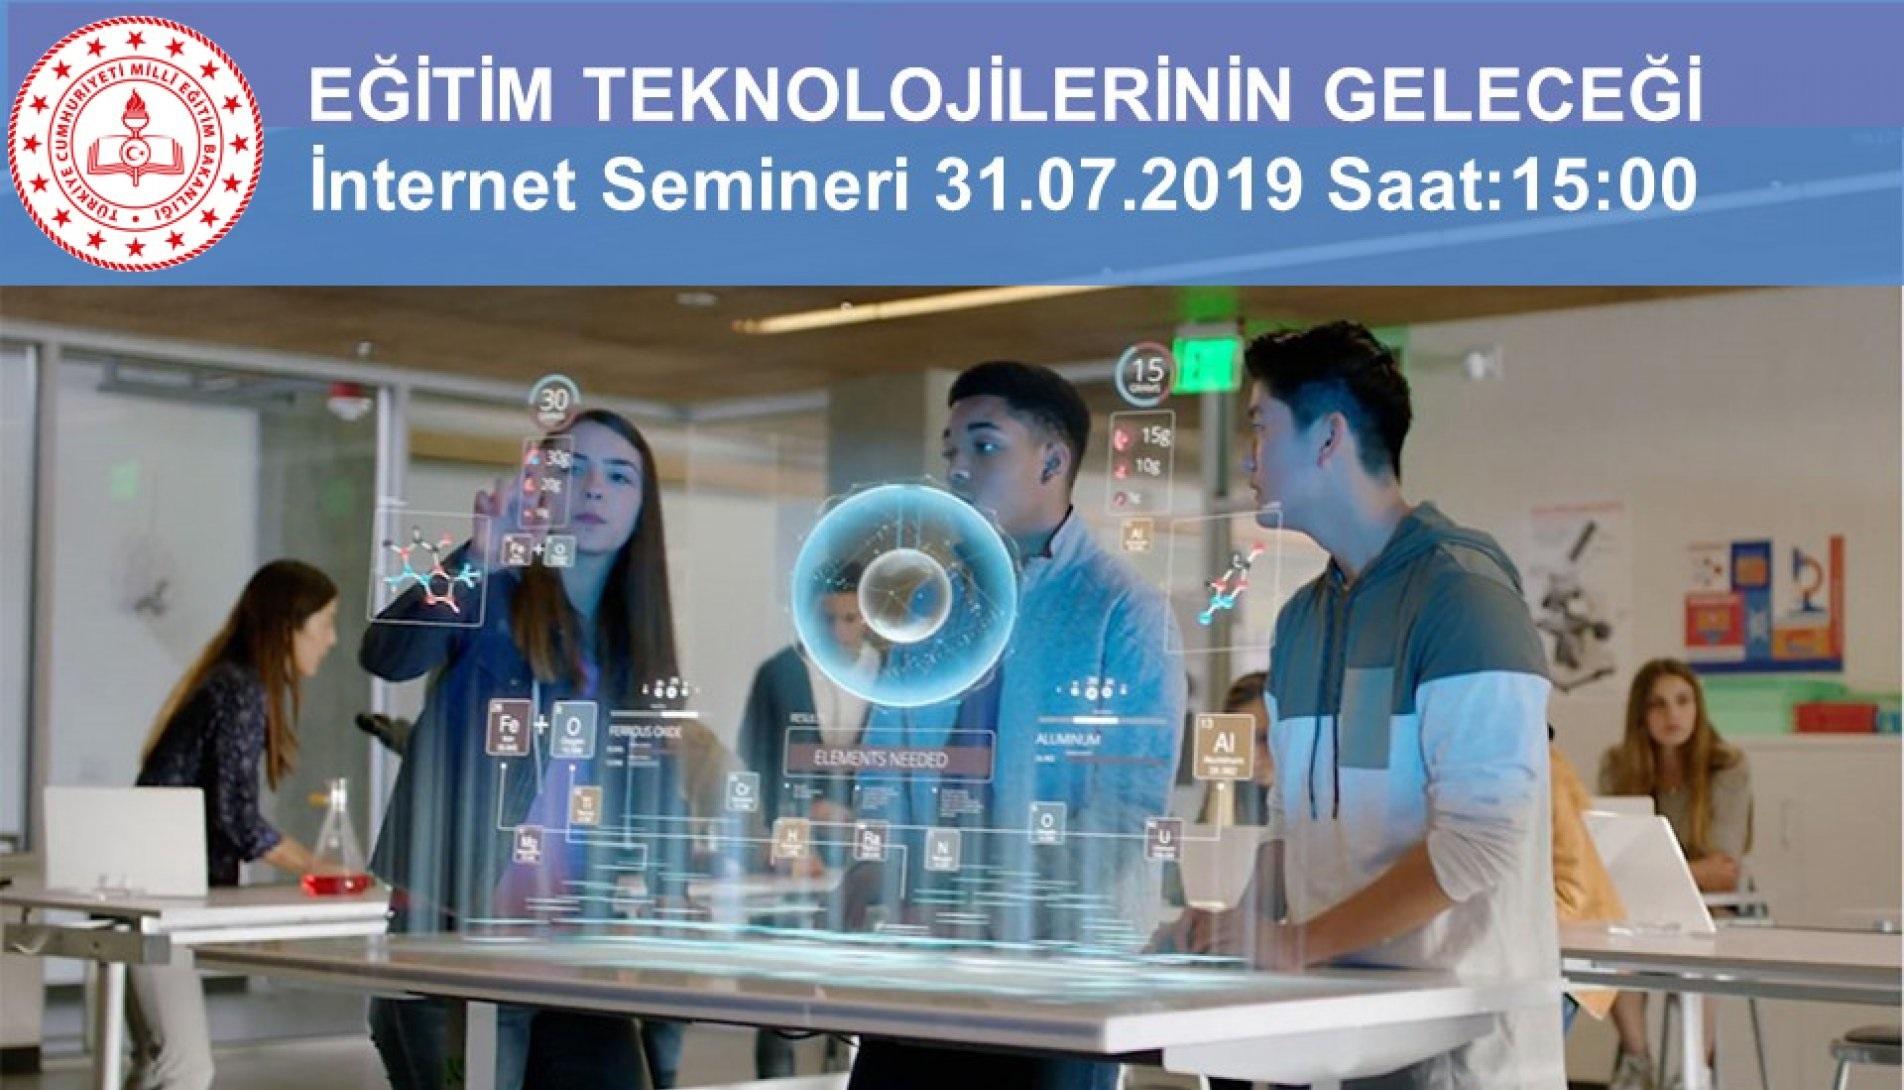 """Photo of YEĞİTEK, """"Eğitim Teknolojilerinin Geleceği"""" Konulu İnternet Semineri Düzenledi."""